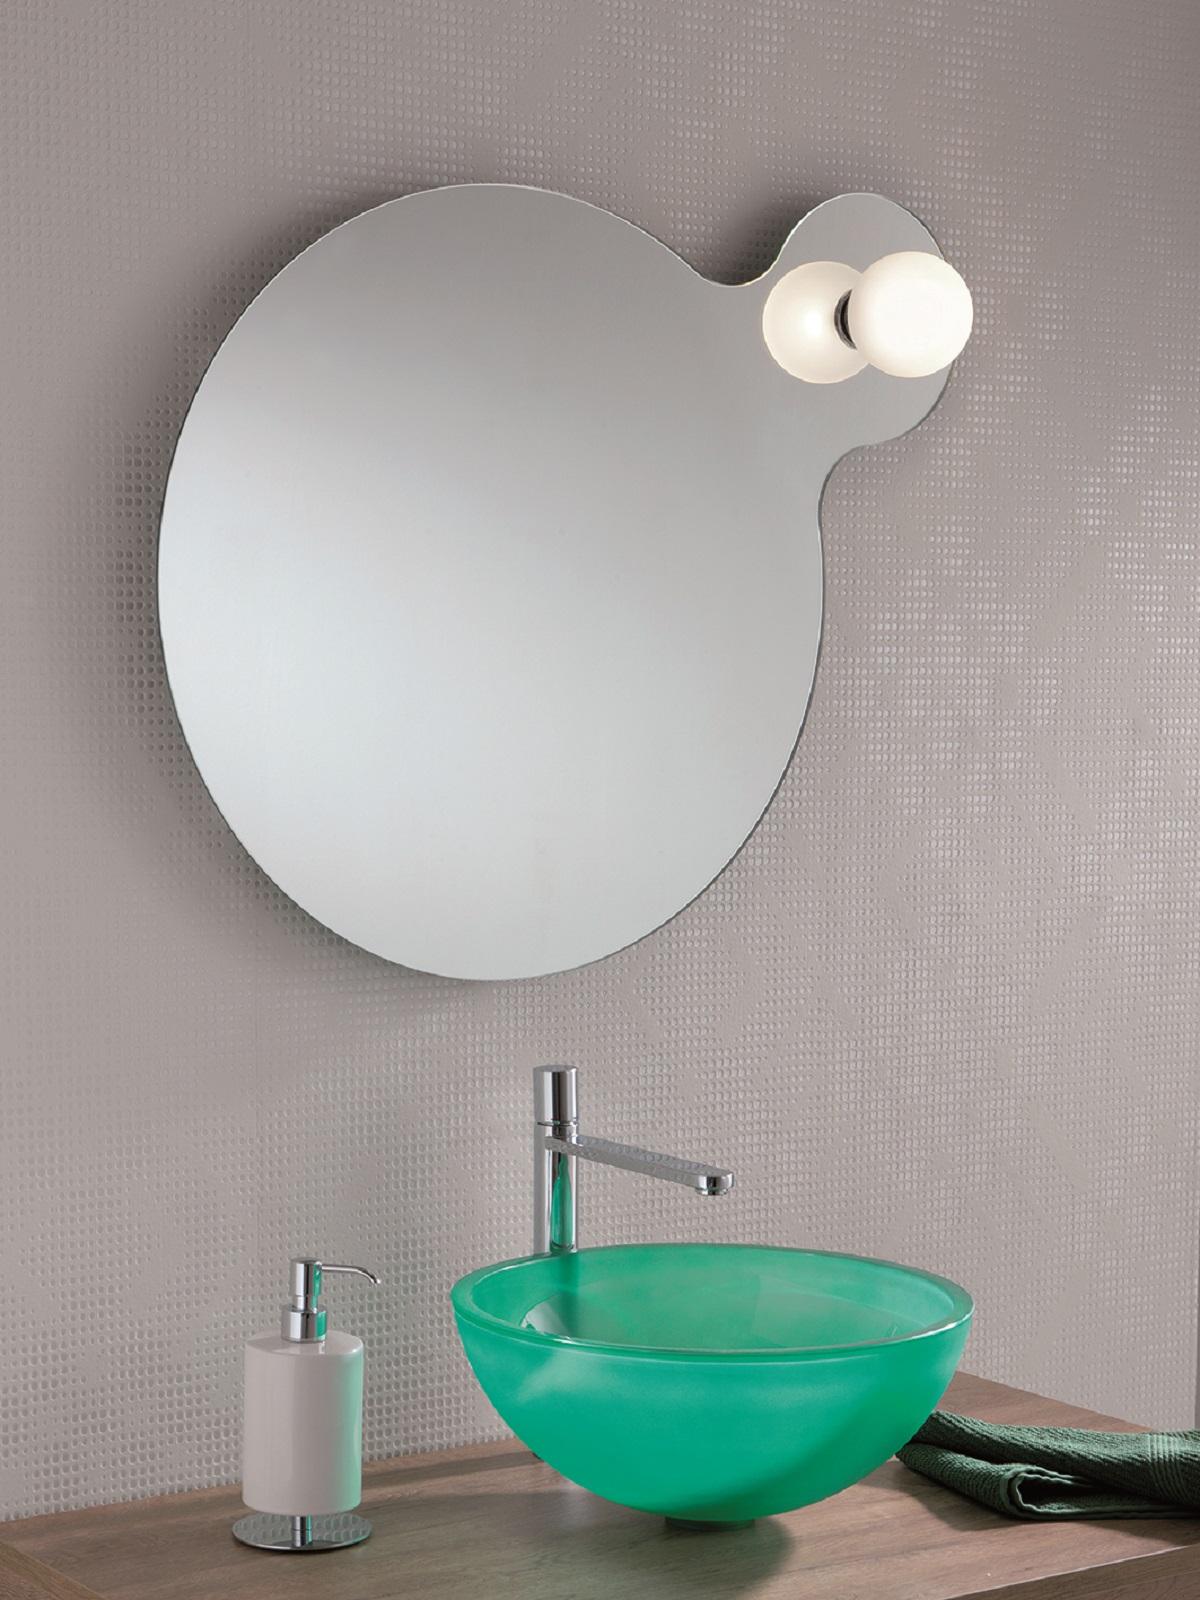 Specchi Del Bagno Semplici O Con Cornice Con Luce O Senza Retroilluminati Oppure No Cose Di Casa